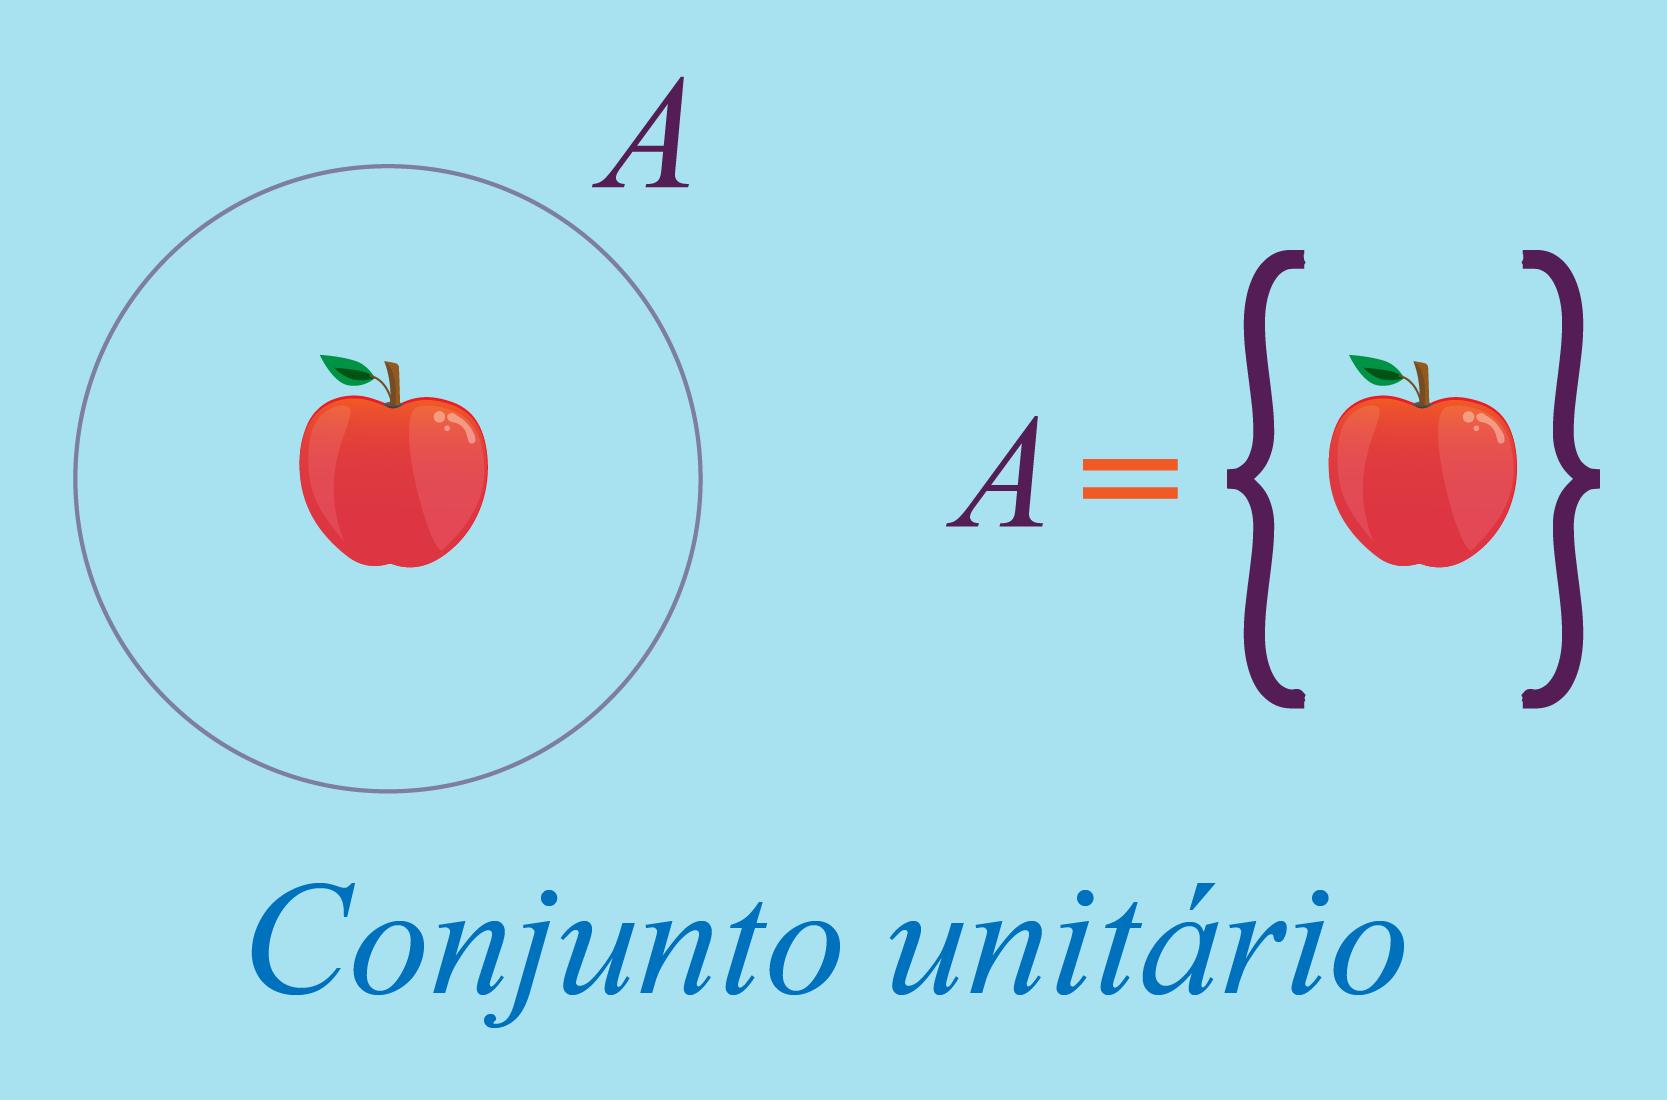 Diferentes representações do conjunto unitário A